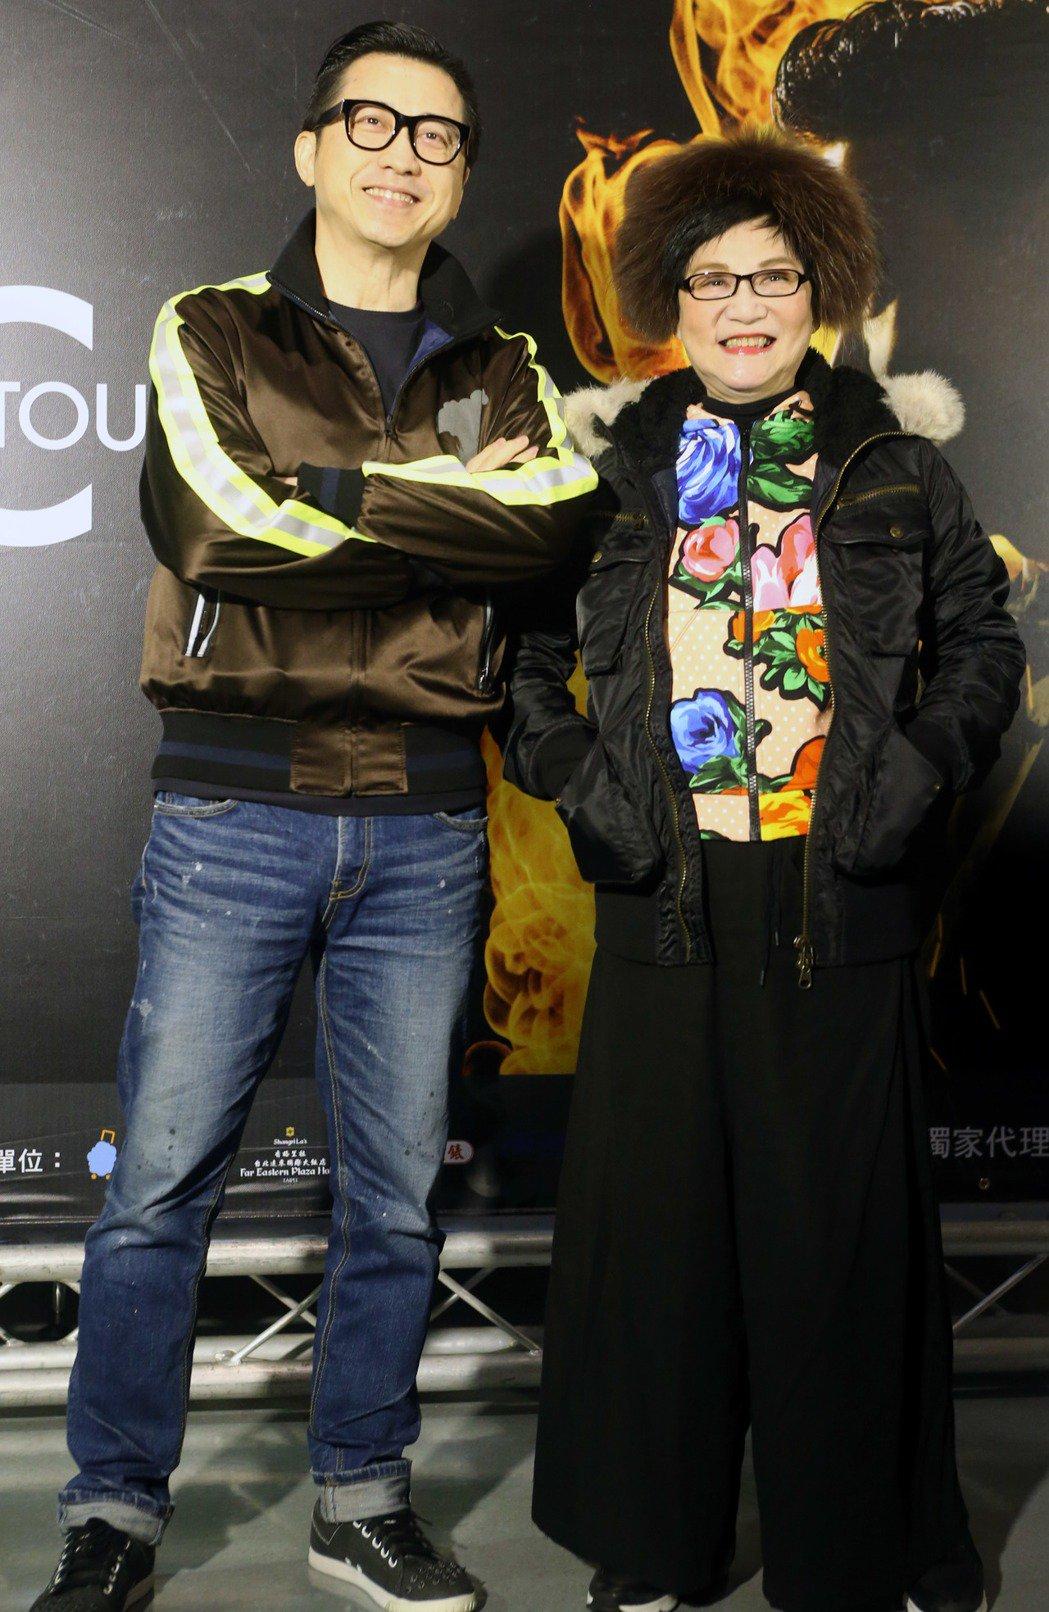 張小燕、哈林到小巨蛋聽「A CLASSIC TOUR 學友.經典世界巡迴演唱會」...